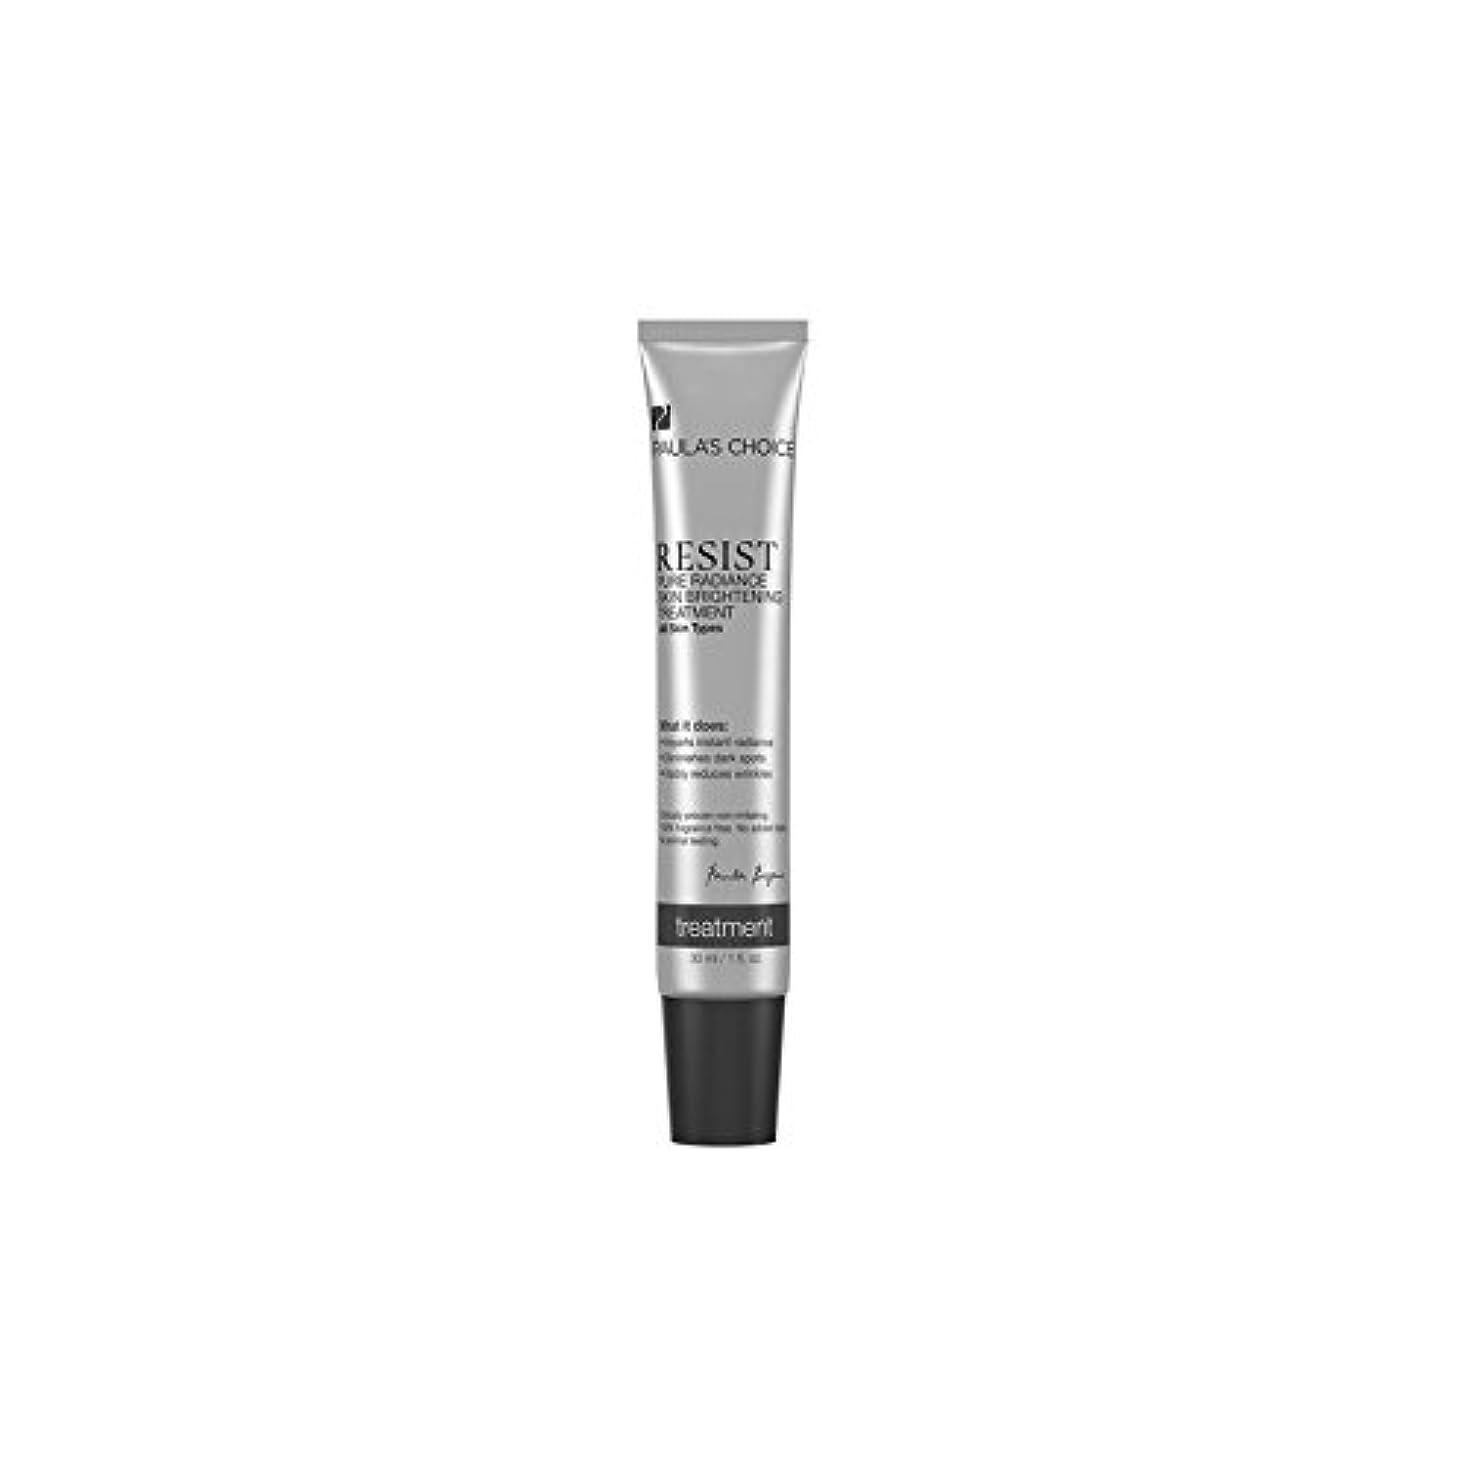 尊敬見捨てられた暗殺するポーラチョイスは純粋な輝き肌ブライトニングトリートメント(30ミリリットル)を抵抗します x2 - Paula's Choice Resist Pure Radiance Skin Brightening Treatment...